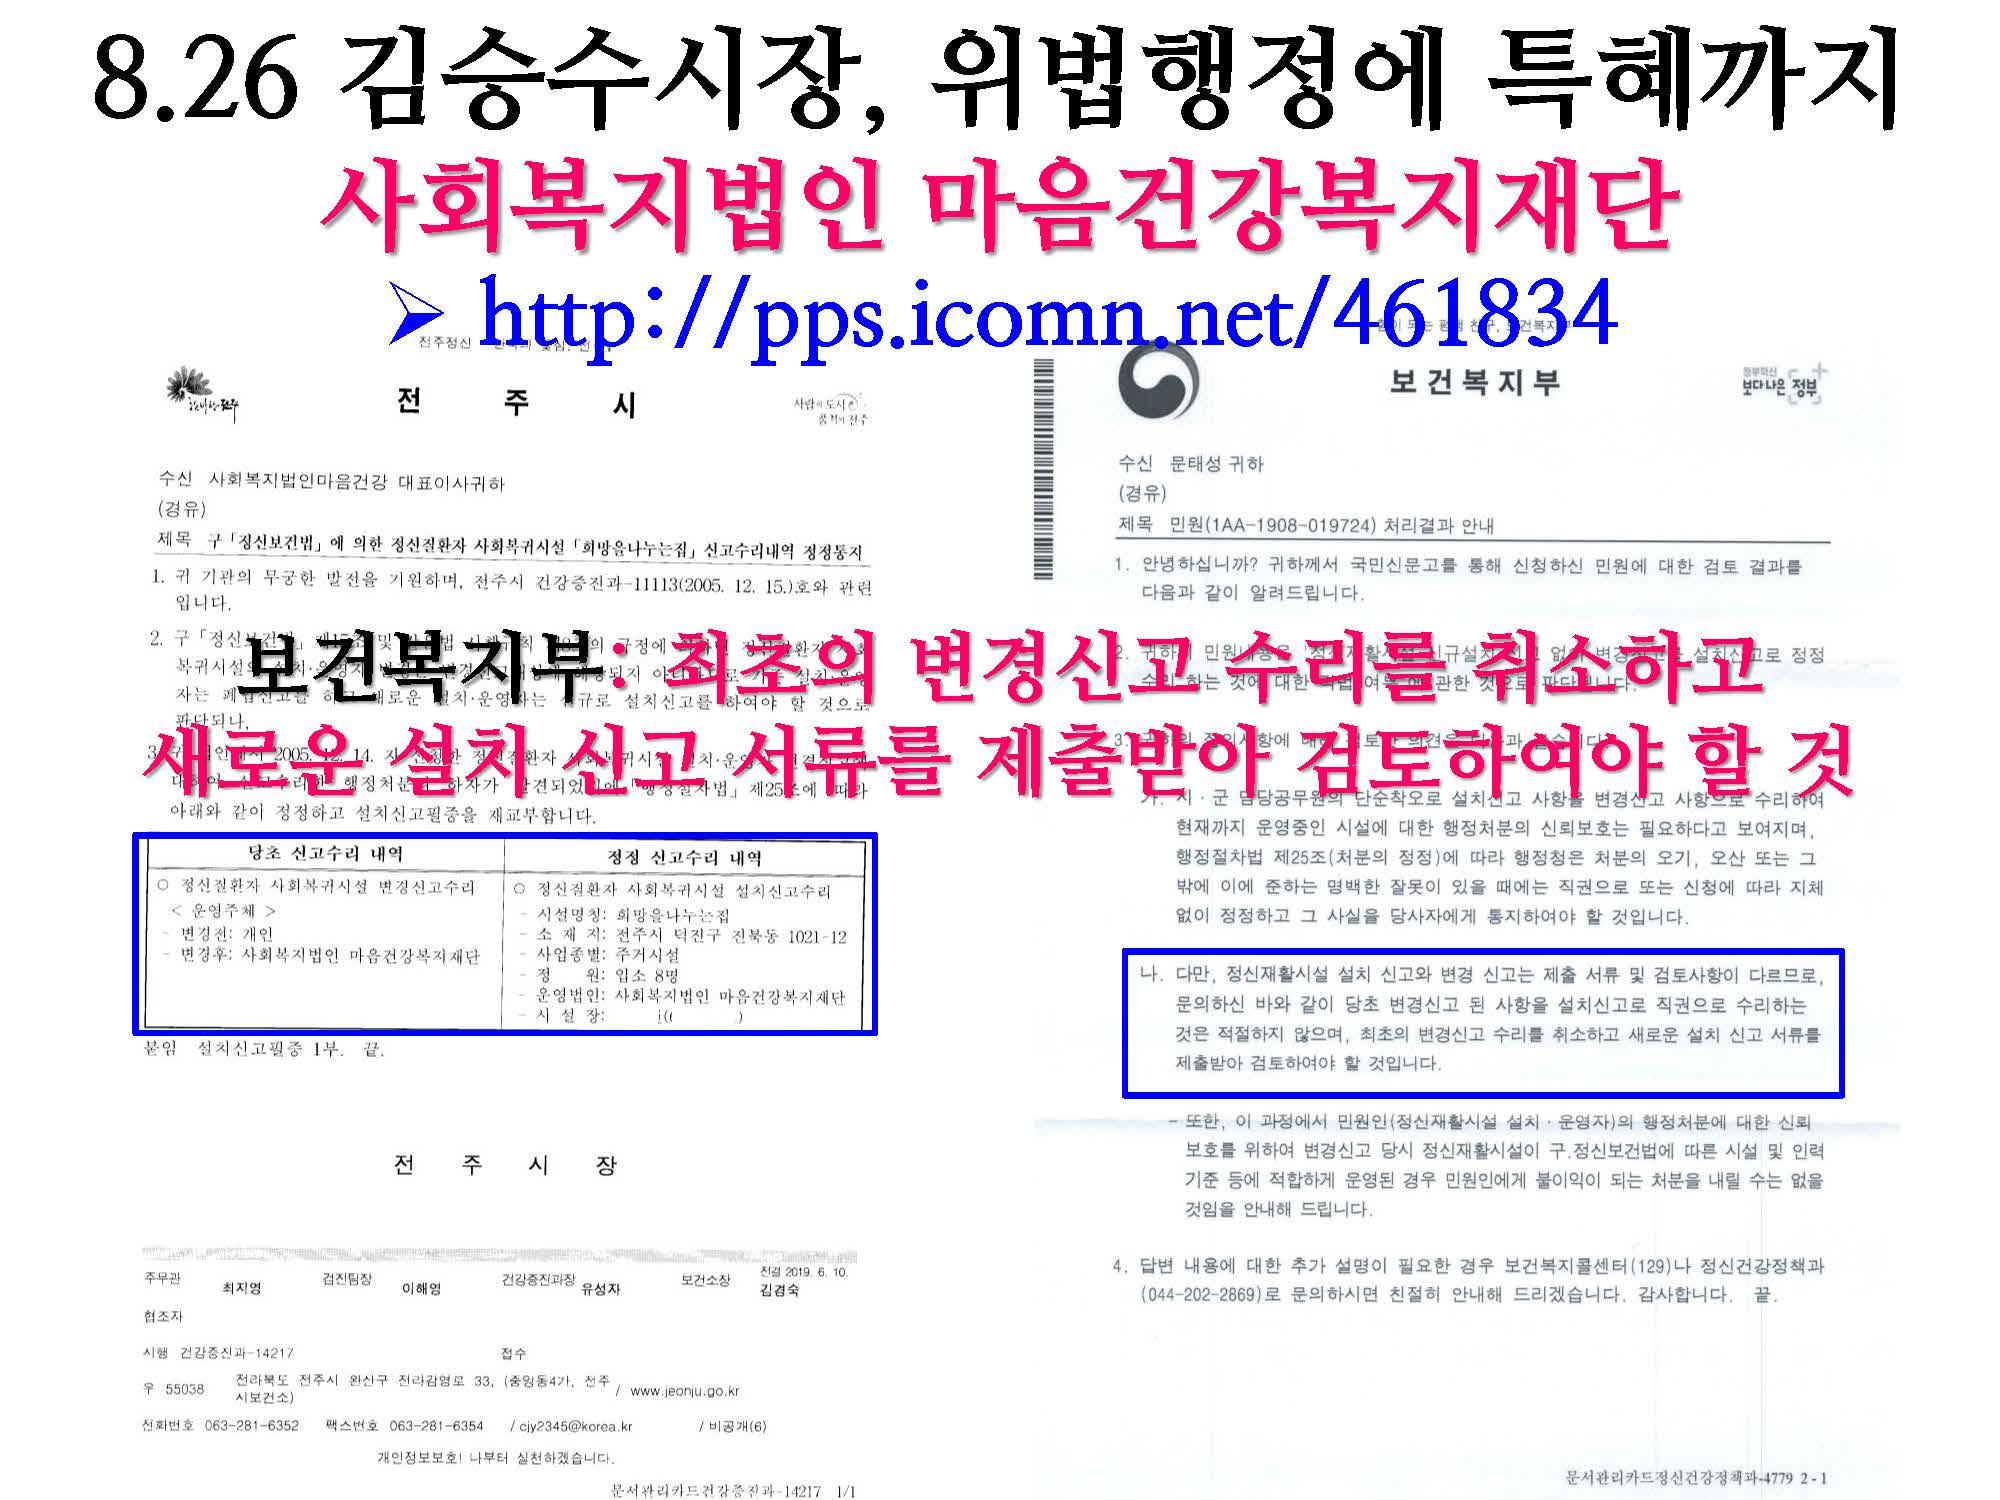 2019년 평화주민사랑방 활동 및 결산보고(PDF)_페이지_08.jpg